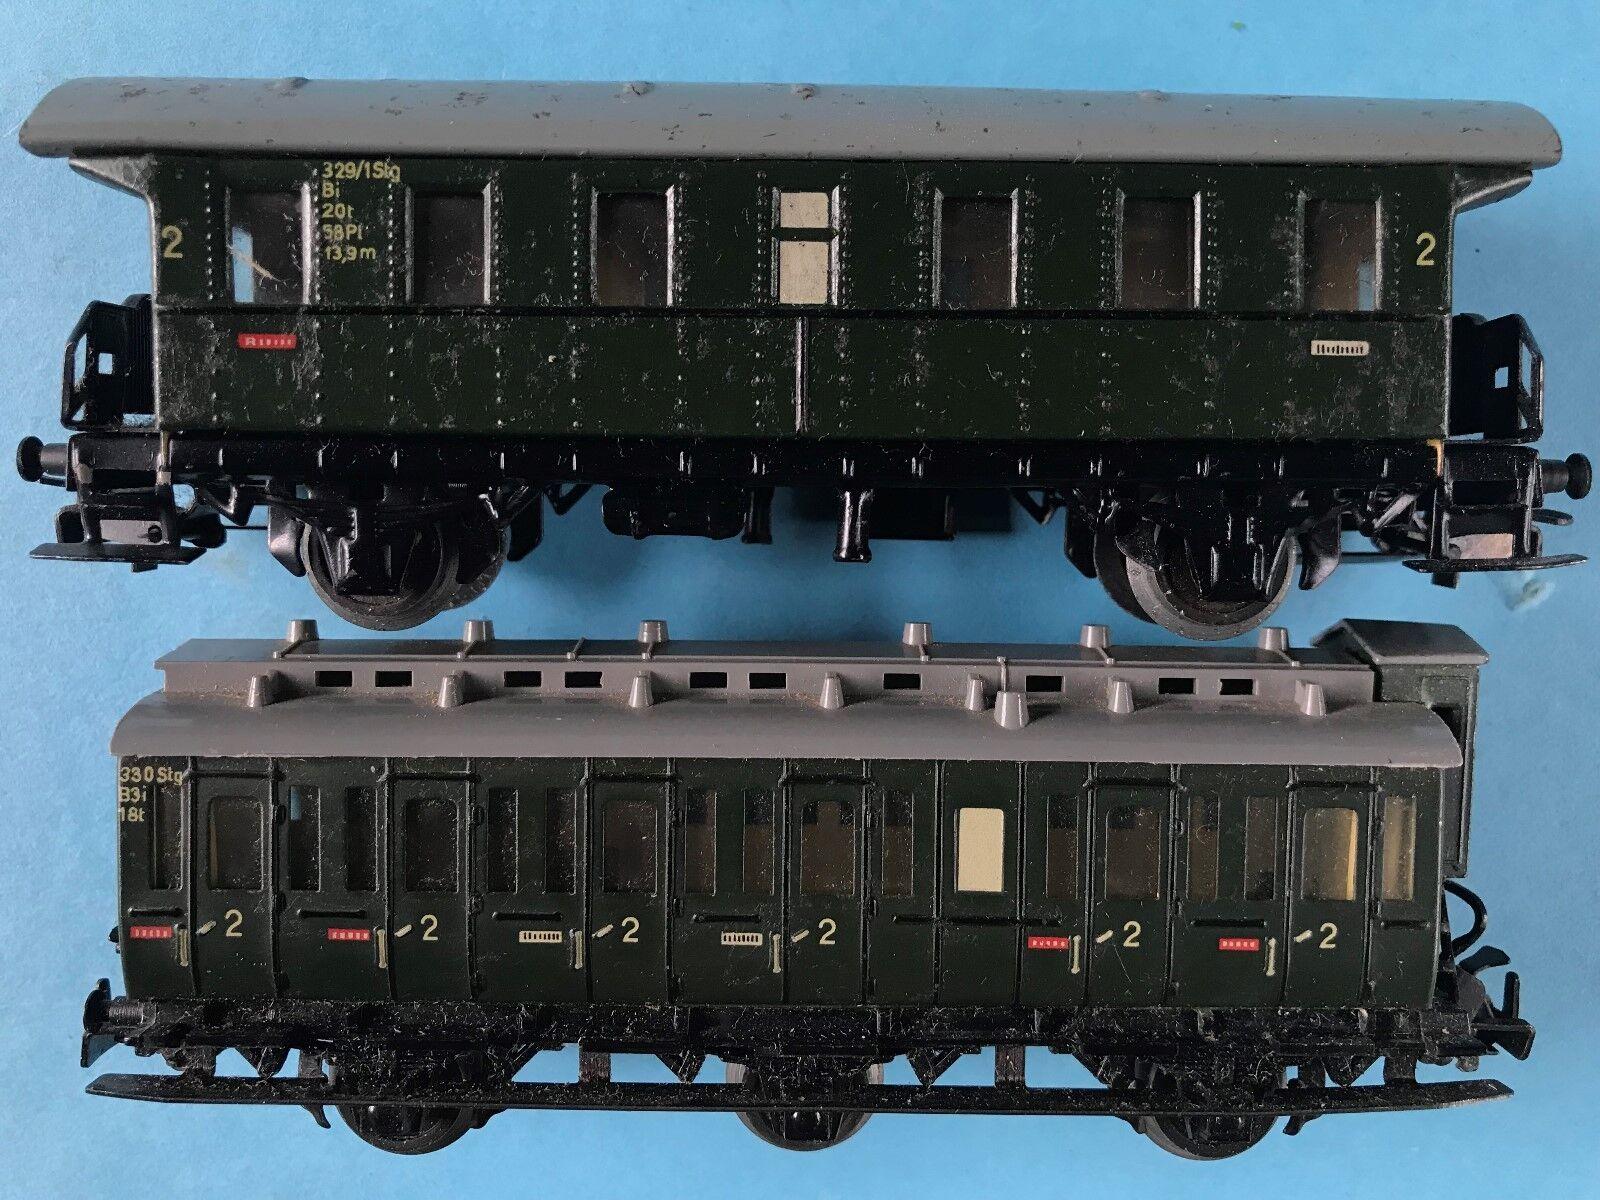 Konvolut 2x Märklin Eisenbahn Personenwagen Personenwagen Personenwagen 4002 u. 4004 OK Spur 00 H0 19541962  | Vorzügliche Verarbeitung  8340e6